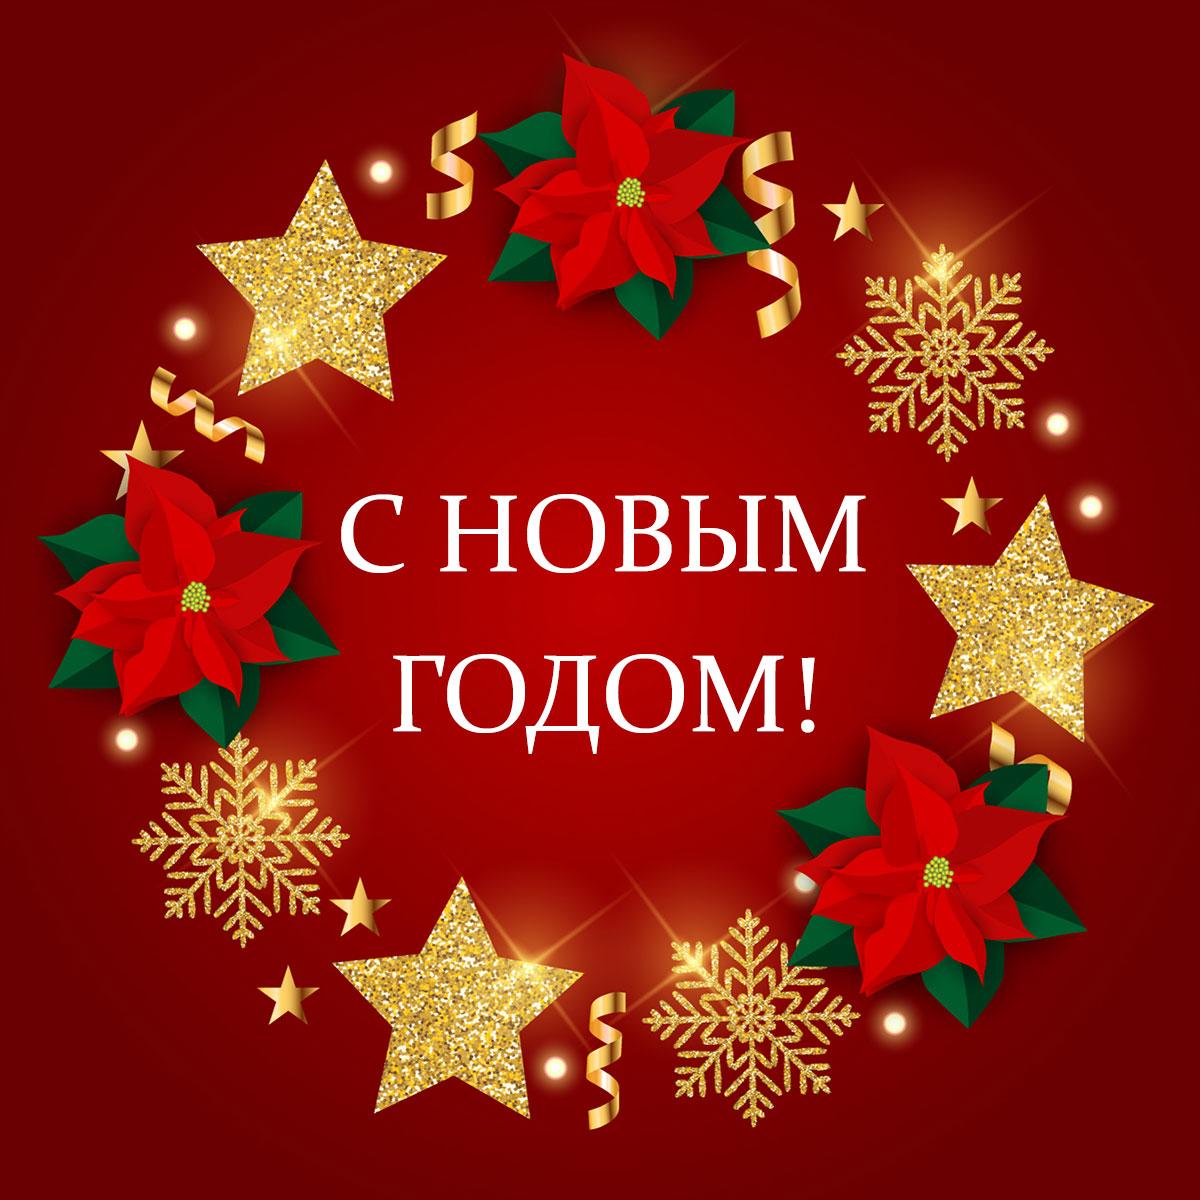 Красная картинка с надписью с новым годом и рождественскими украшениями.